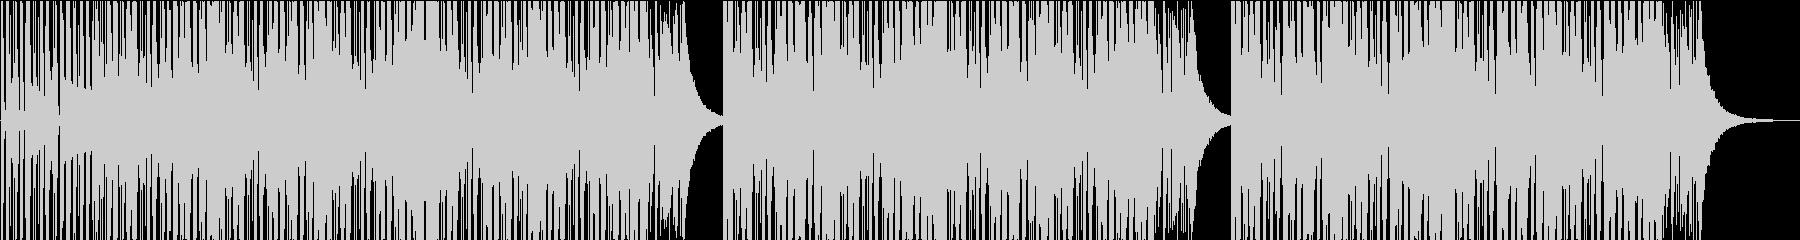 HIPHOP インストの未再生の波形